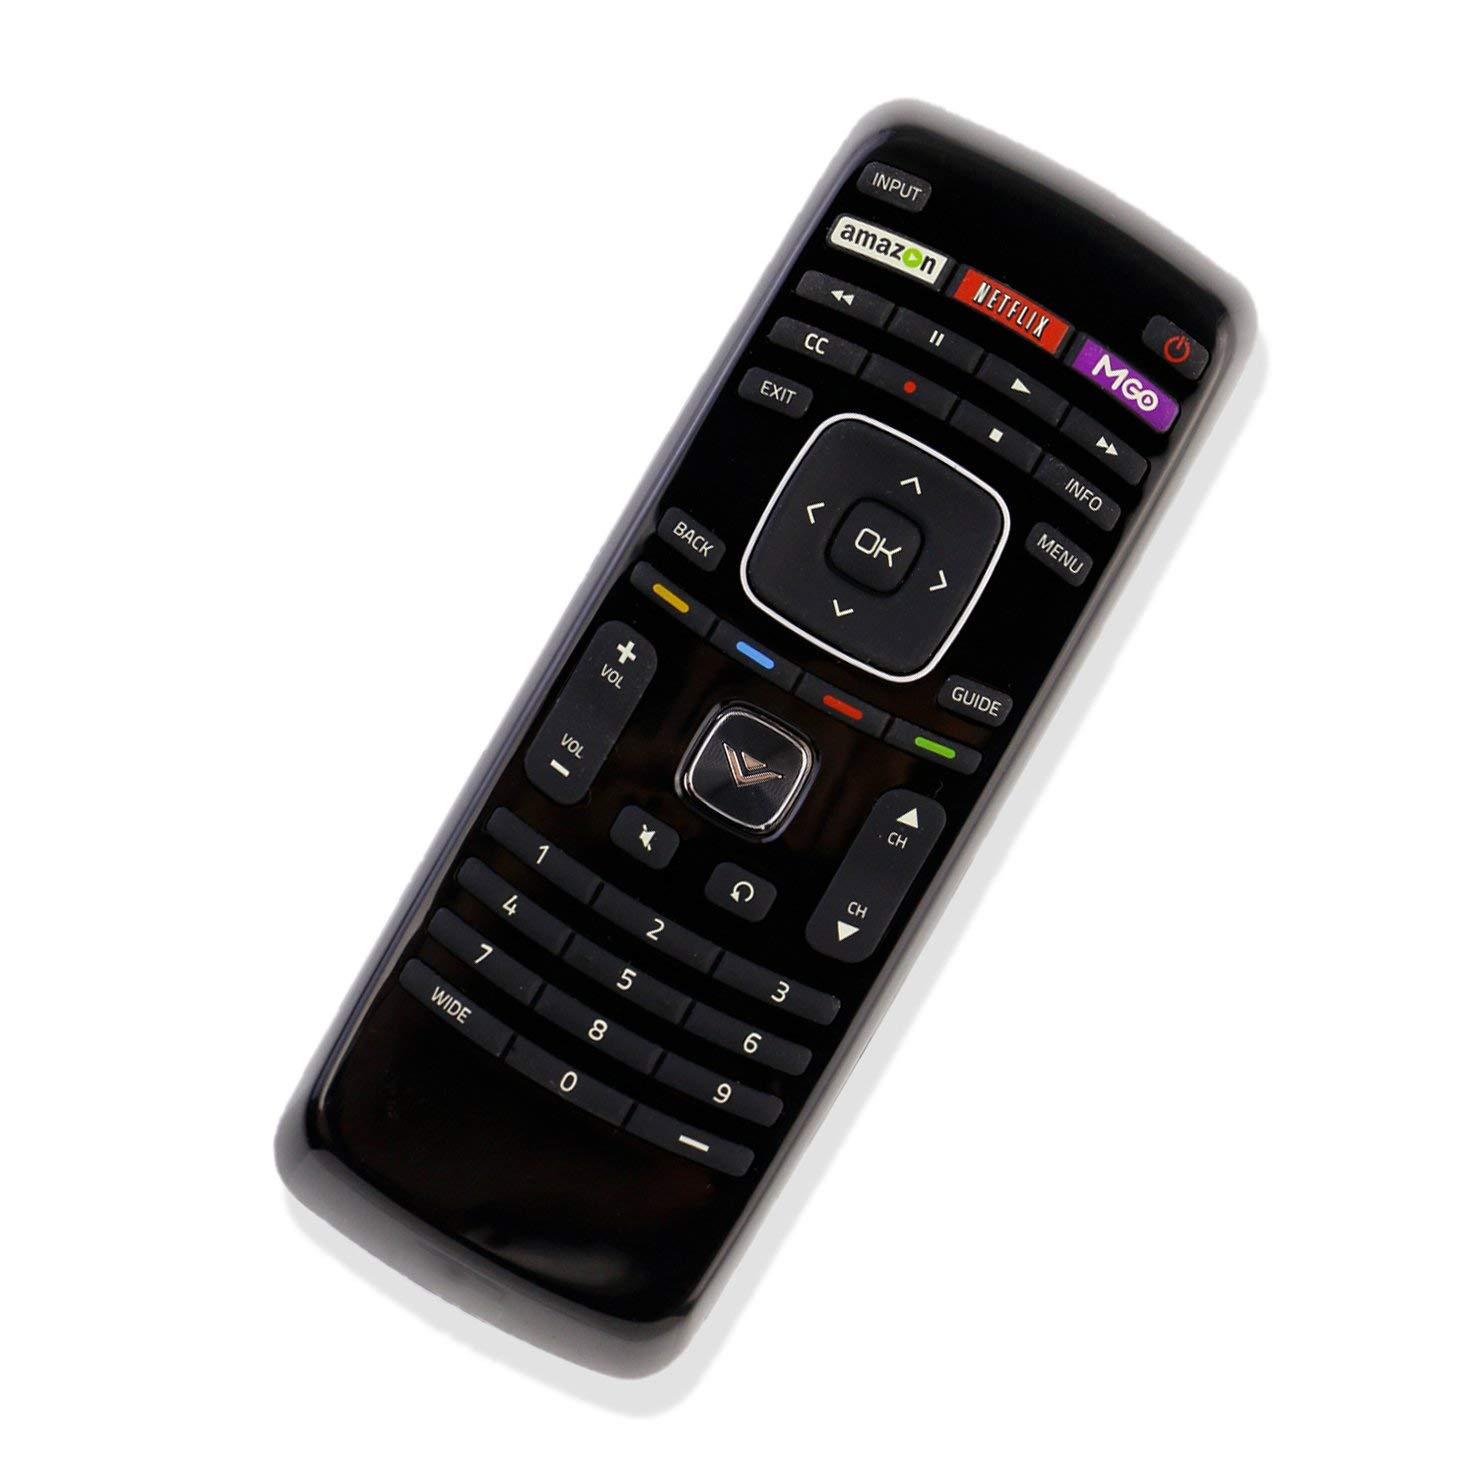 New VIZIO Universal Remote XRV4TV for Almost All Vizio Brand LCD and LED TV E320I-A2 E320i-A0 E322AR E422AR E502AR E370VP E420VT E422VLE M320SL M370SL E422VLE E472VLE (B-XRT112)